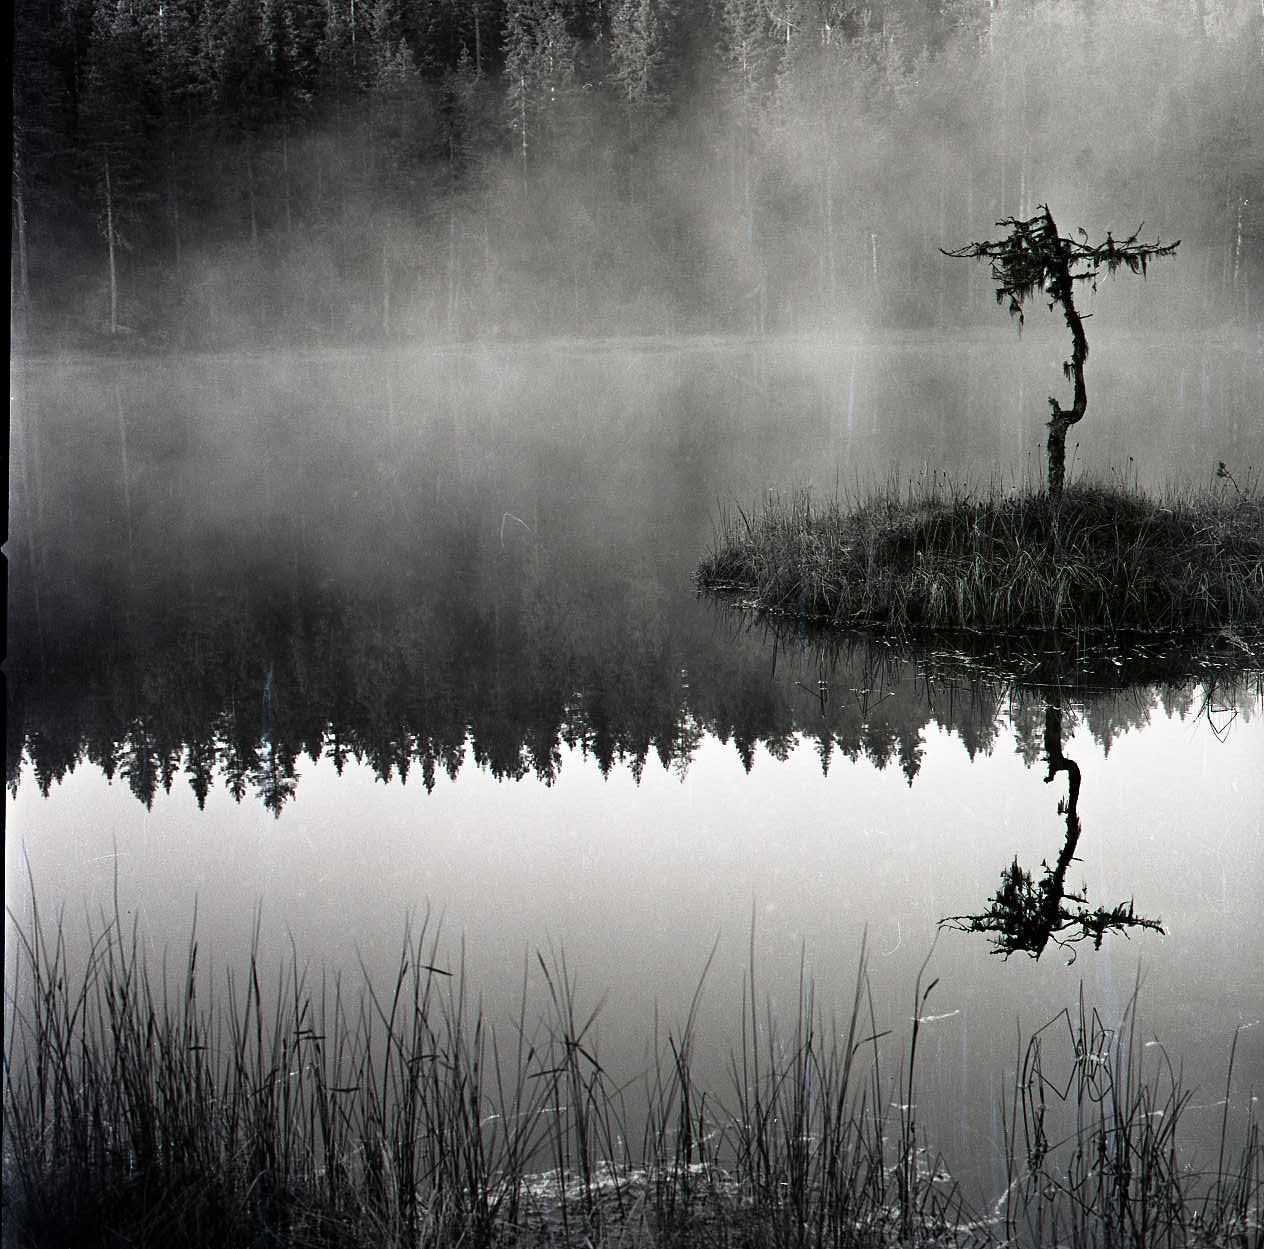 M 107 502: Tall på tuva, Alfta södra finnskog, 1962. Foto: Hilding Mickelsson©